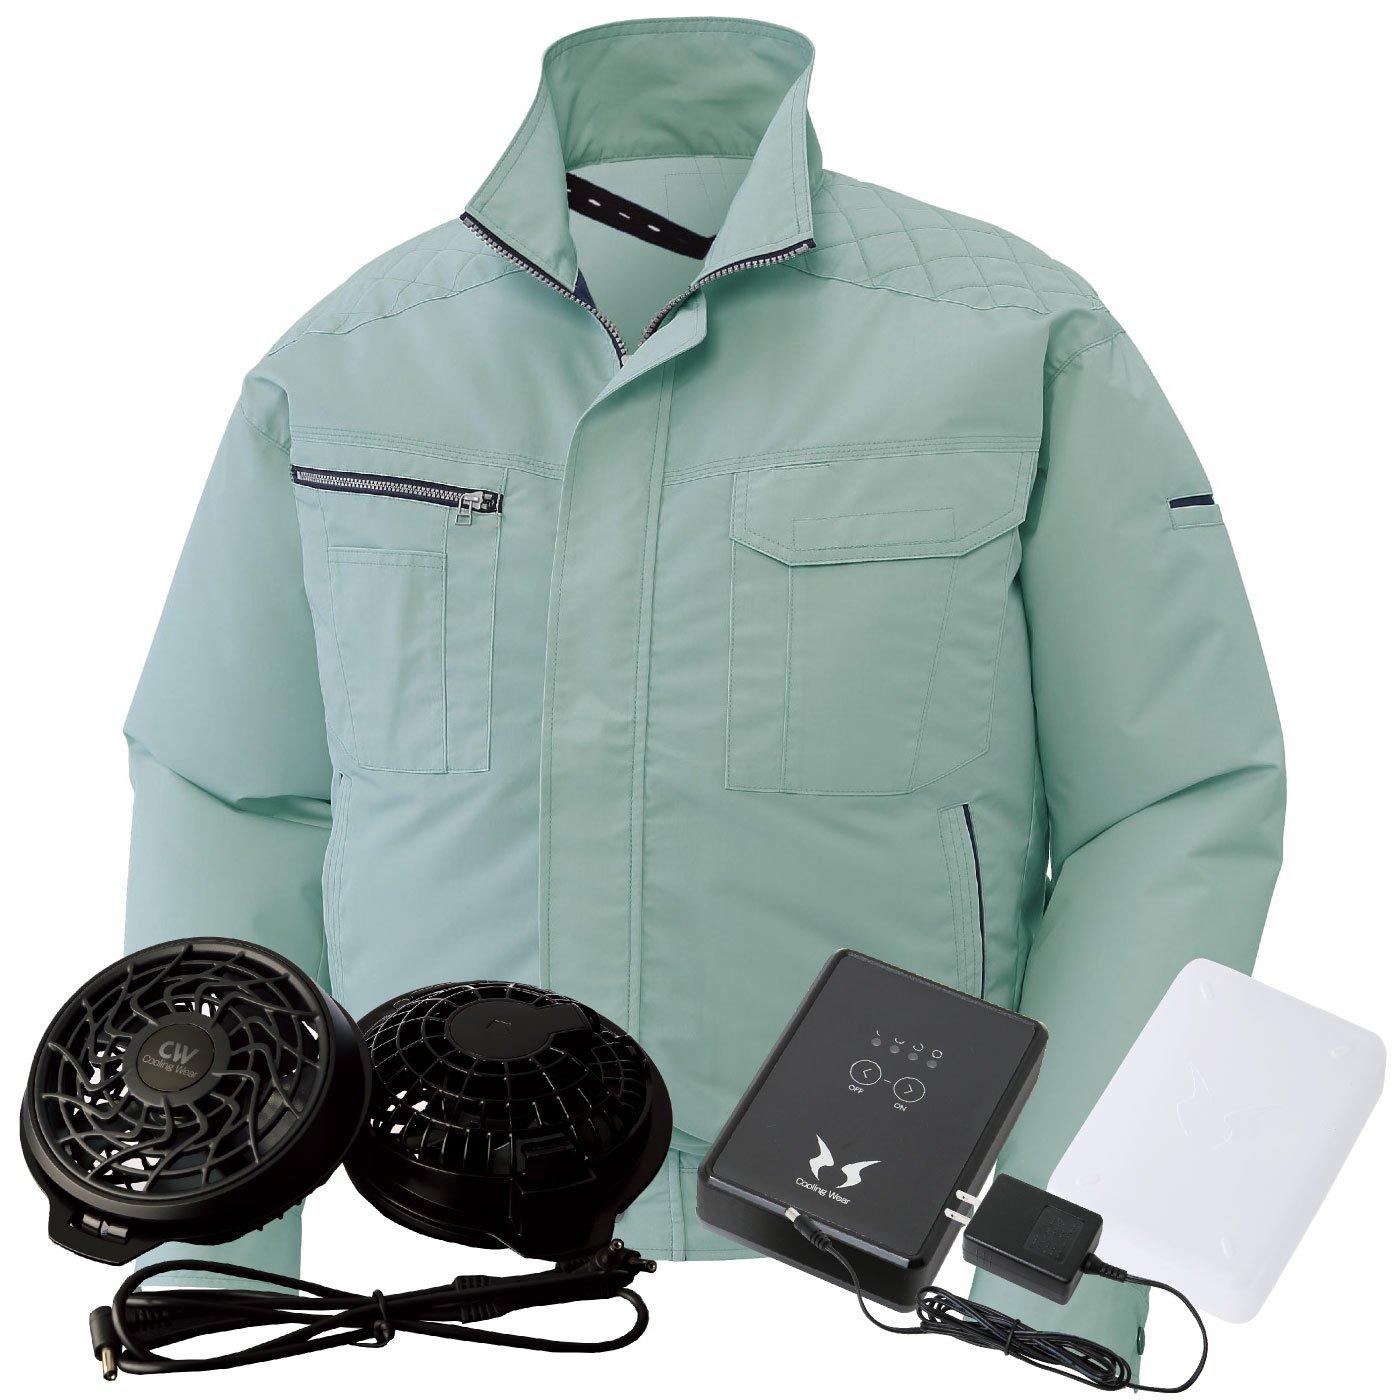 サンエス(SUN-S) 空調風神服 (空調服+ファンRD9810R+バッテリーRD9870J) ss-ku90430-lx B074FYMMJL XL|モスグリーン モスグリーン XL